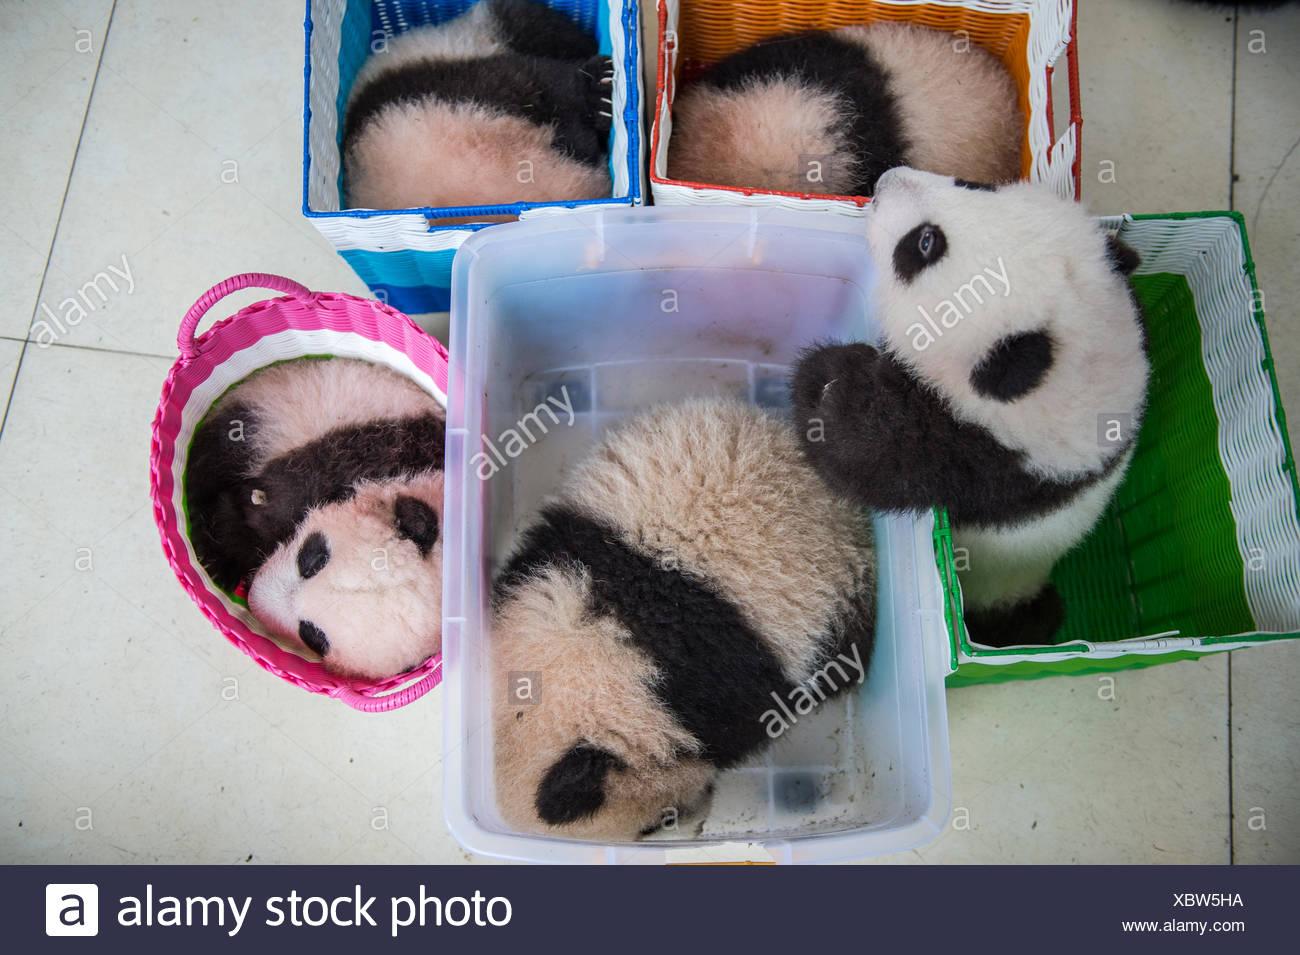 Baby giant pandas in baskets at the Bifengxia Panda Base giant panda breeding center. - Stock Image